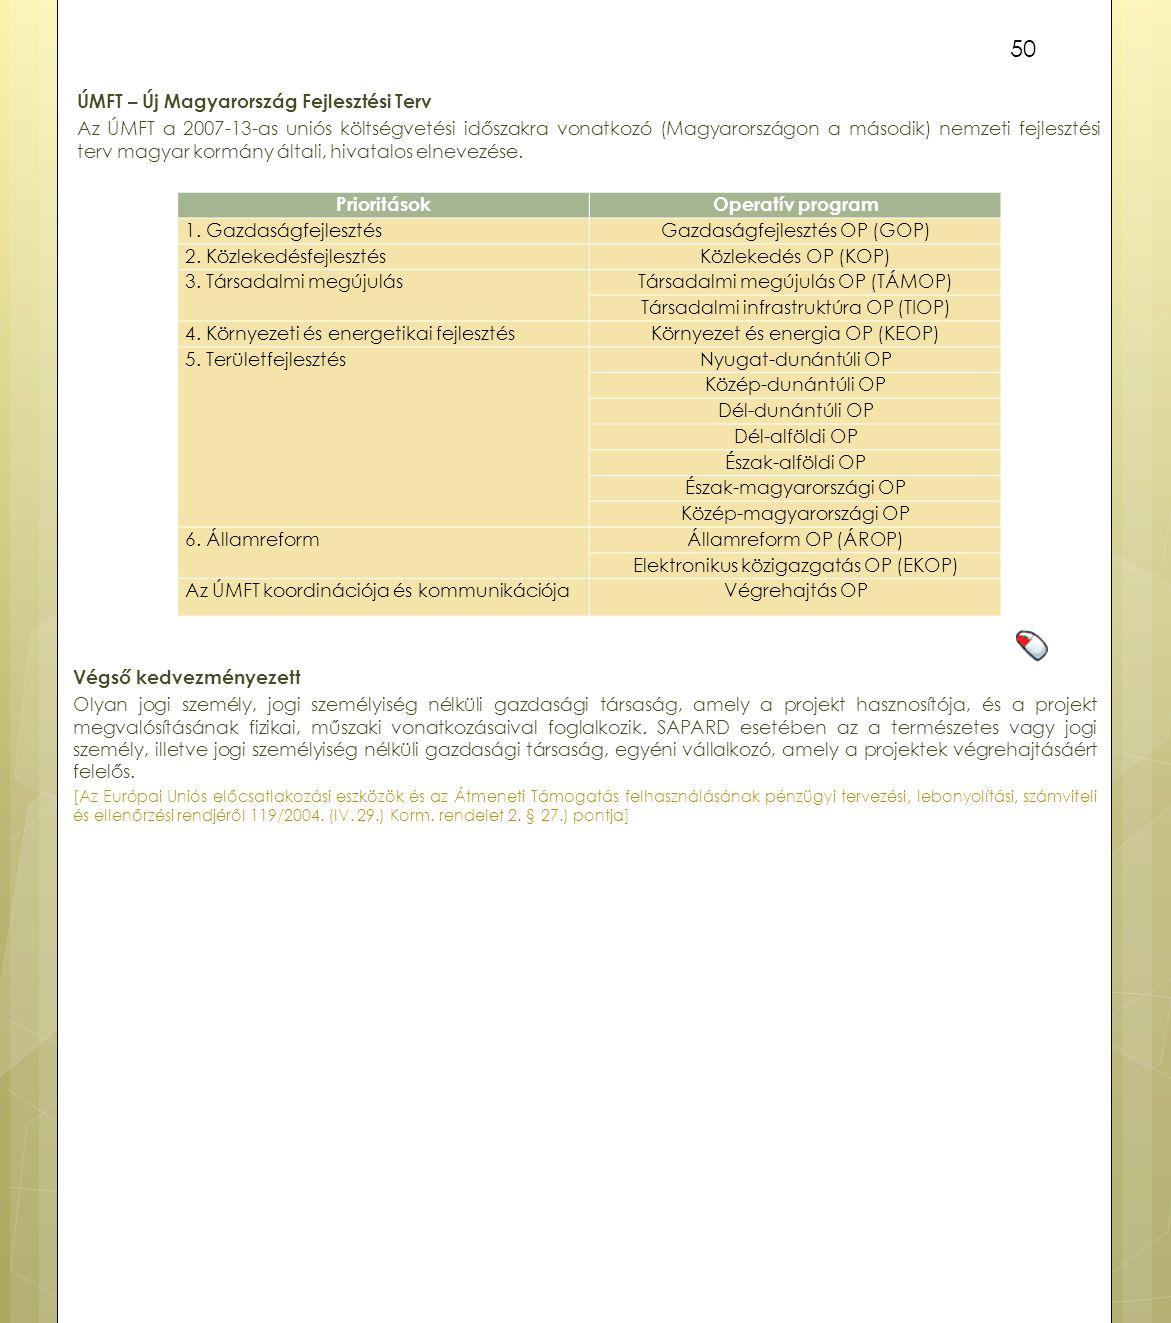 ÚMFT – Új Magyarország Fejlesztési Terv Az ÚMFT a 2007-13-as uniós költségvetési időszakra vonatkozó (Magyarországon a második) nemzeti fejlesztési terv magyar kormány általi, hivatalos elnevezése.